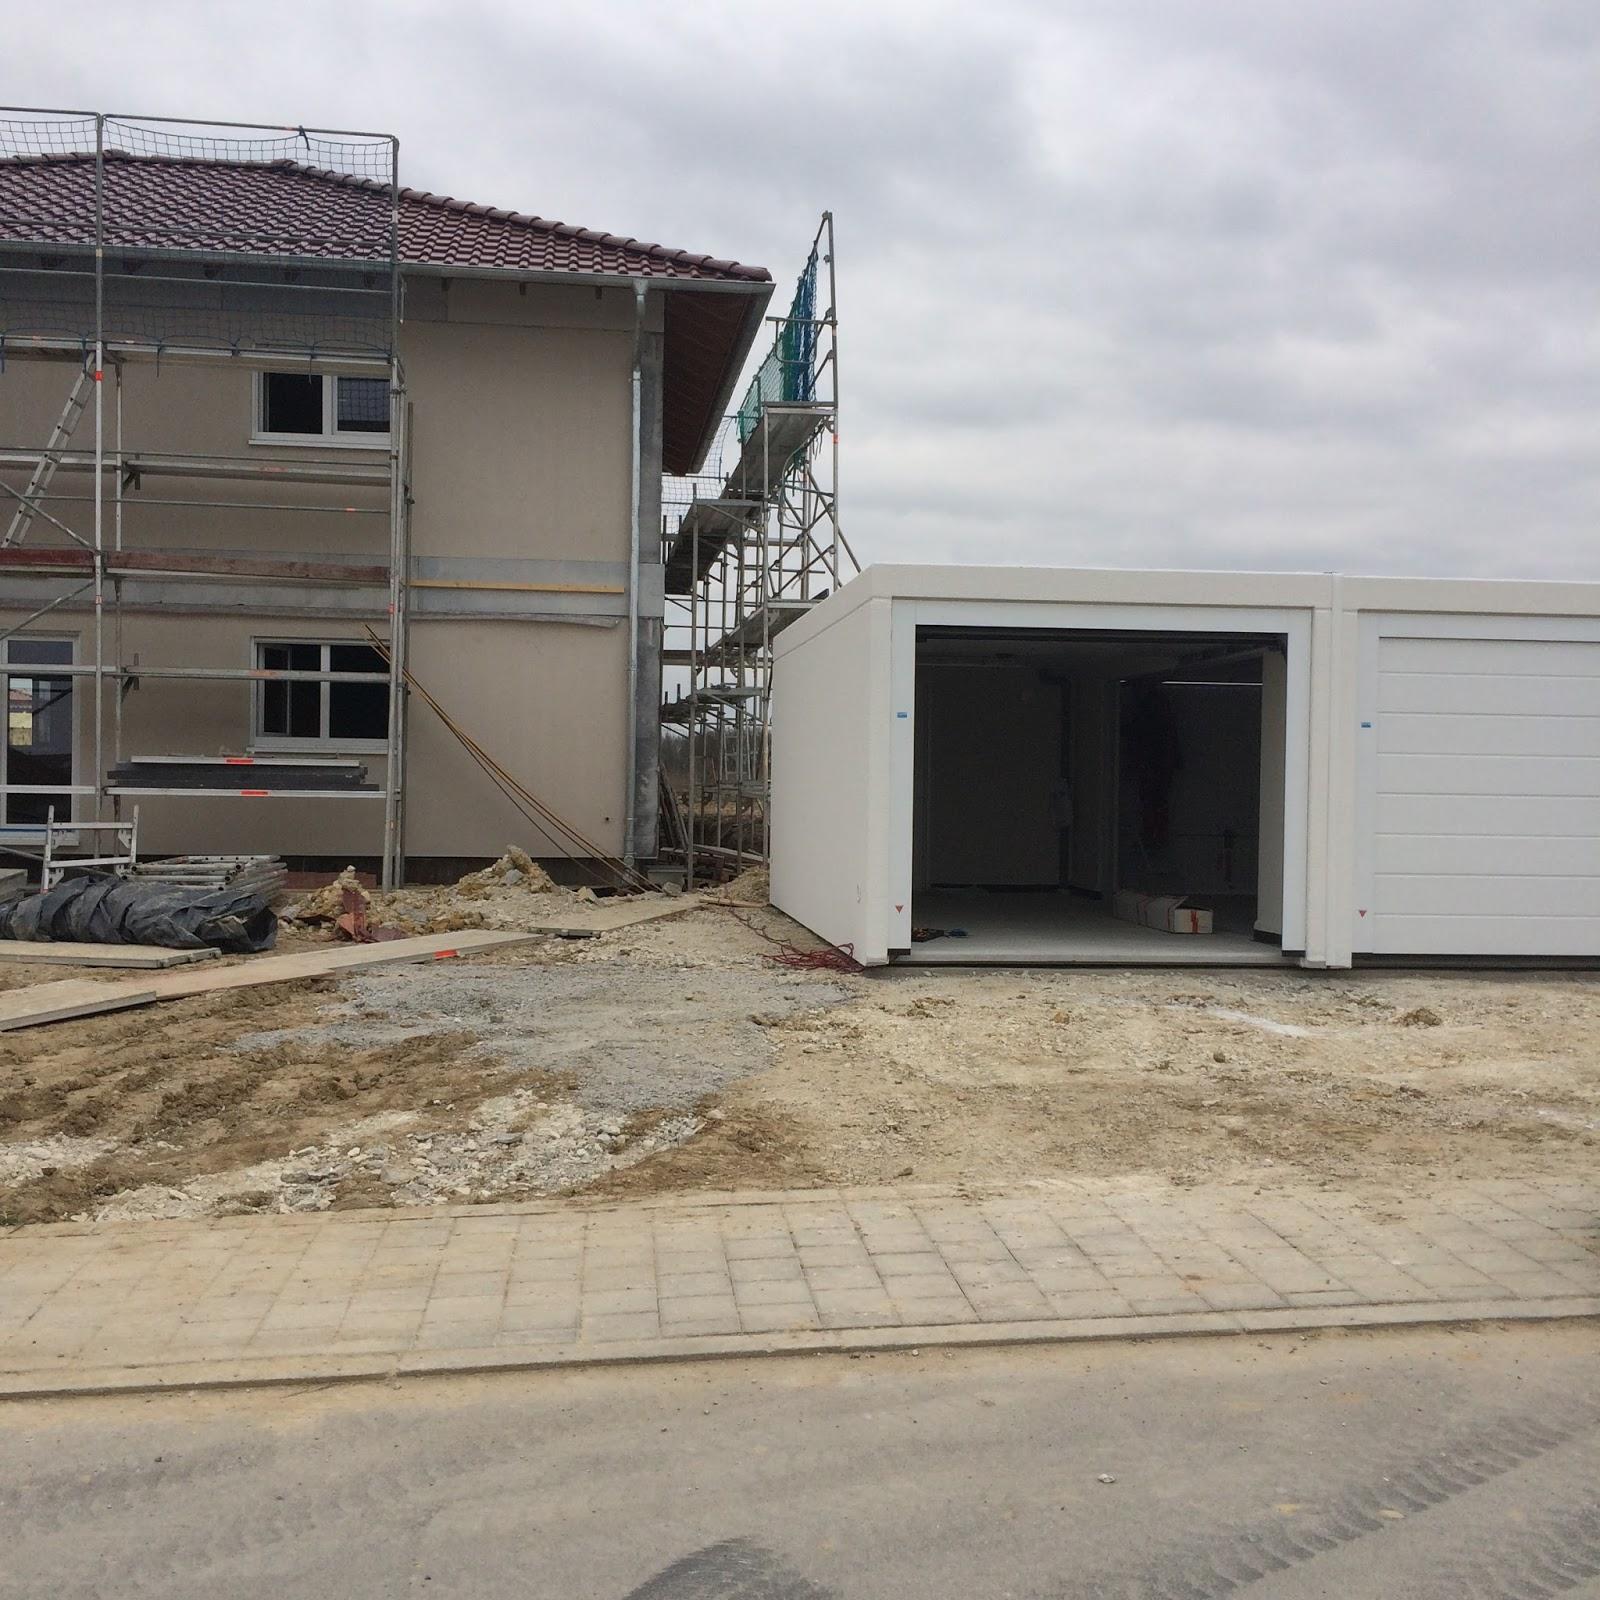 Estrich In Keller Und Garage Fix Fertig Haus: Dietrich´s Baublog: Die Garage Kommt